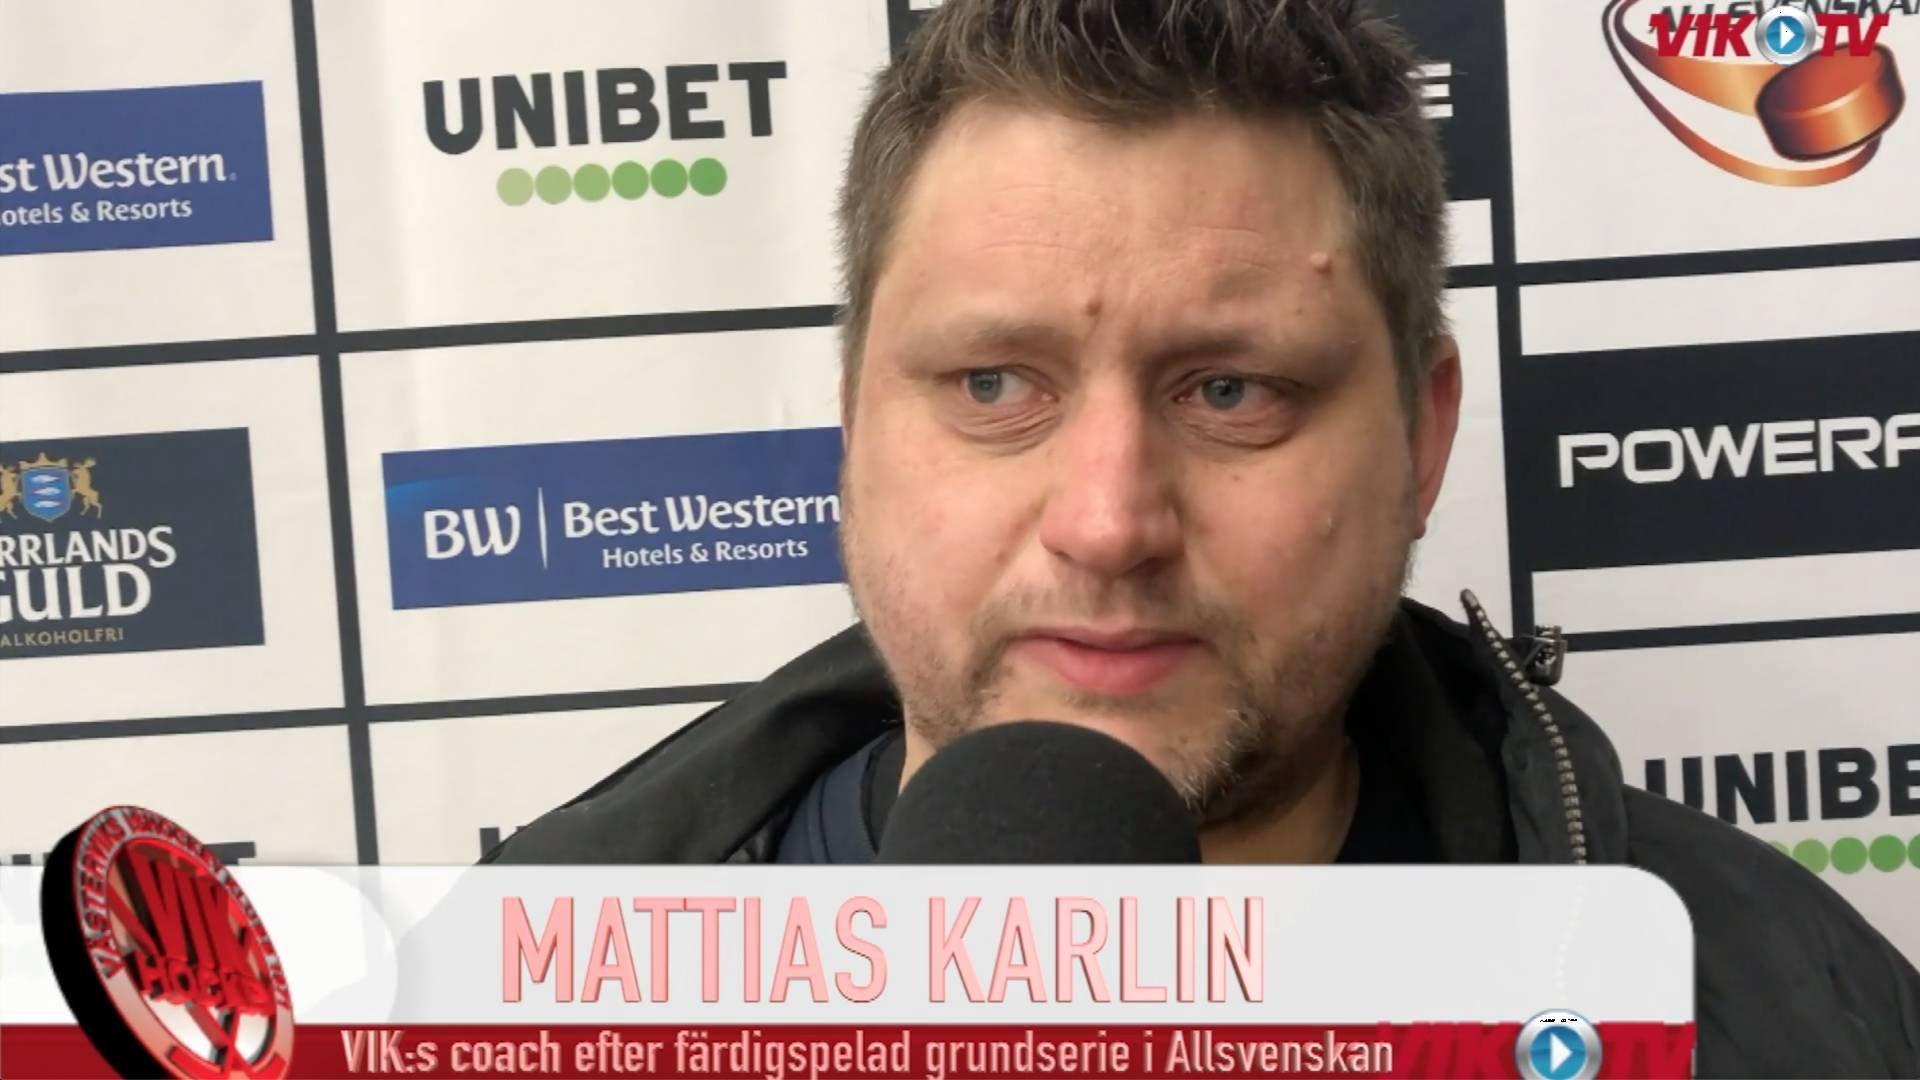 VIK-TV: Karlin och Westfält summerar grundserien och ser fram mot slutspel